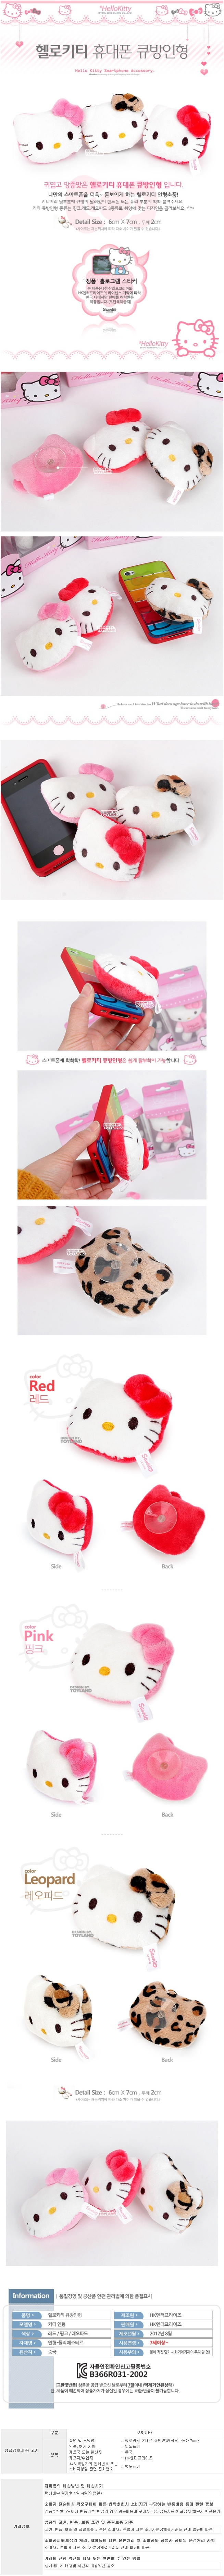 헬로키티 큐방인형(레오파드)/팬시점판매용 완구점판 - 기프트갓, 5,780원, 애니멀인형, 기타 동물 인형